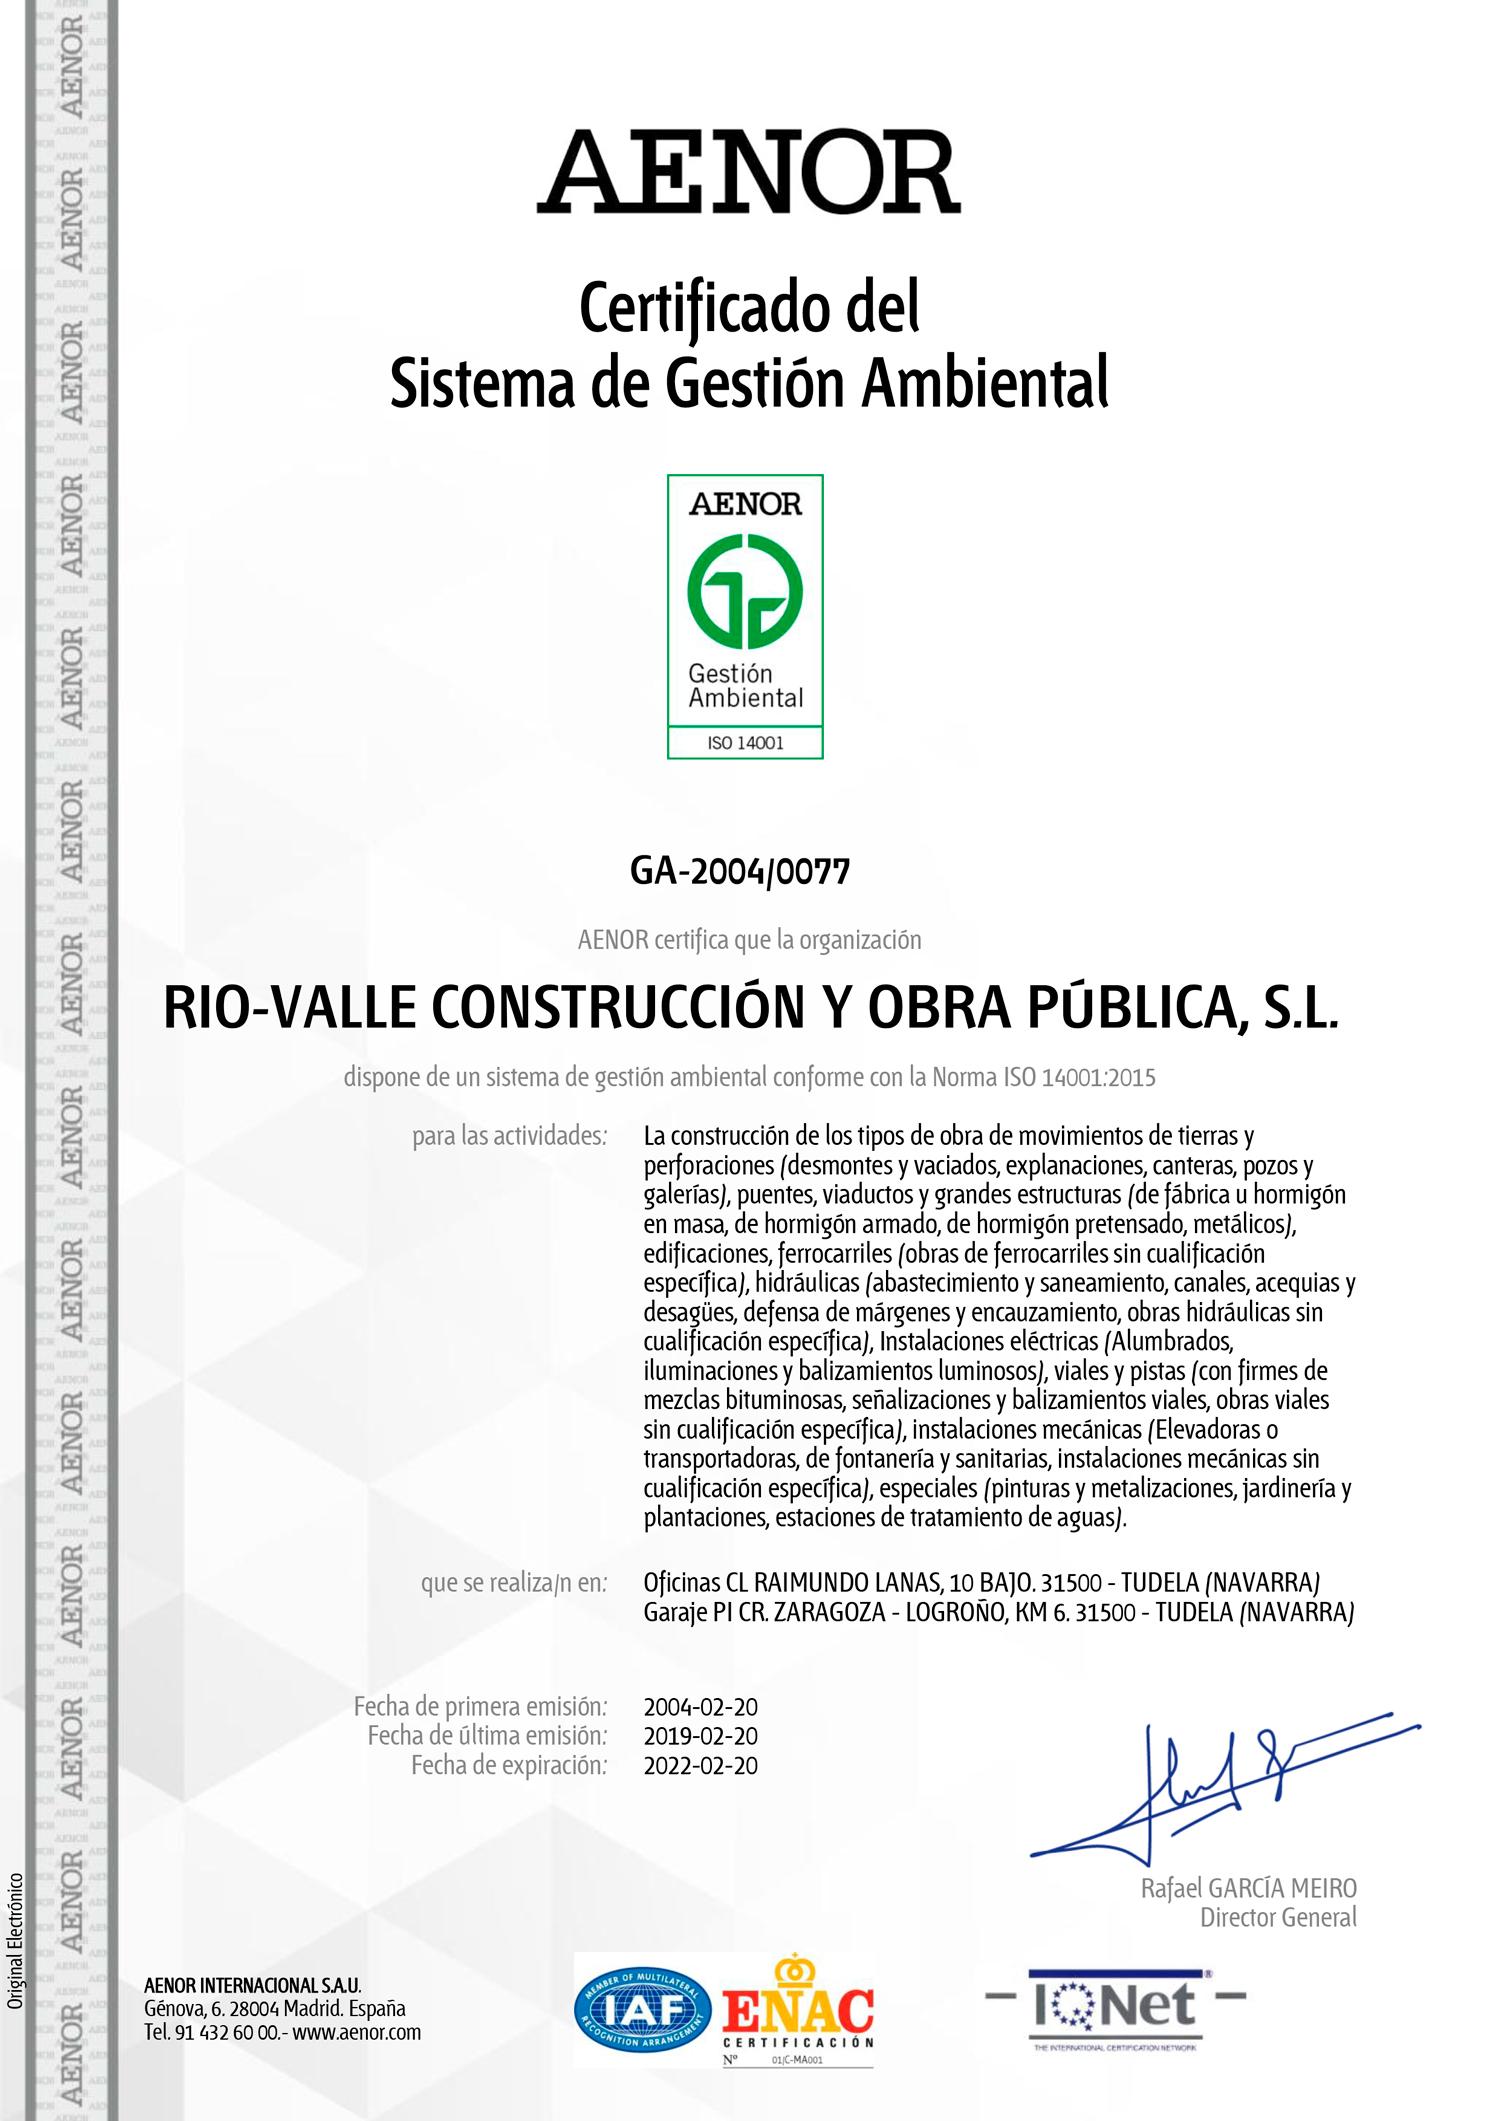 riovalle-certificado-ambiental.